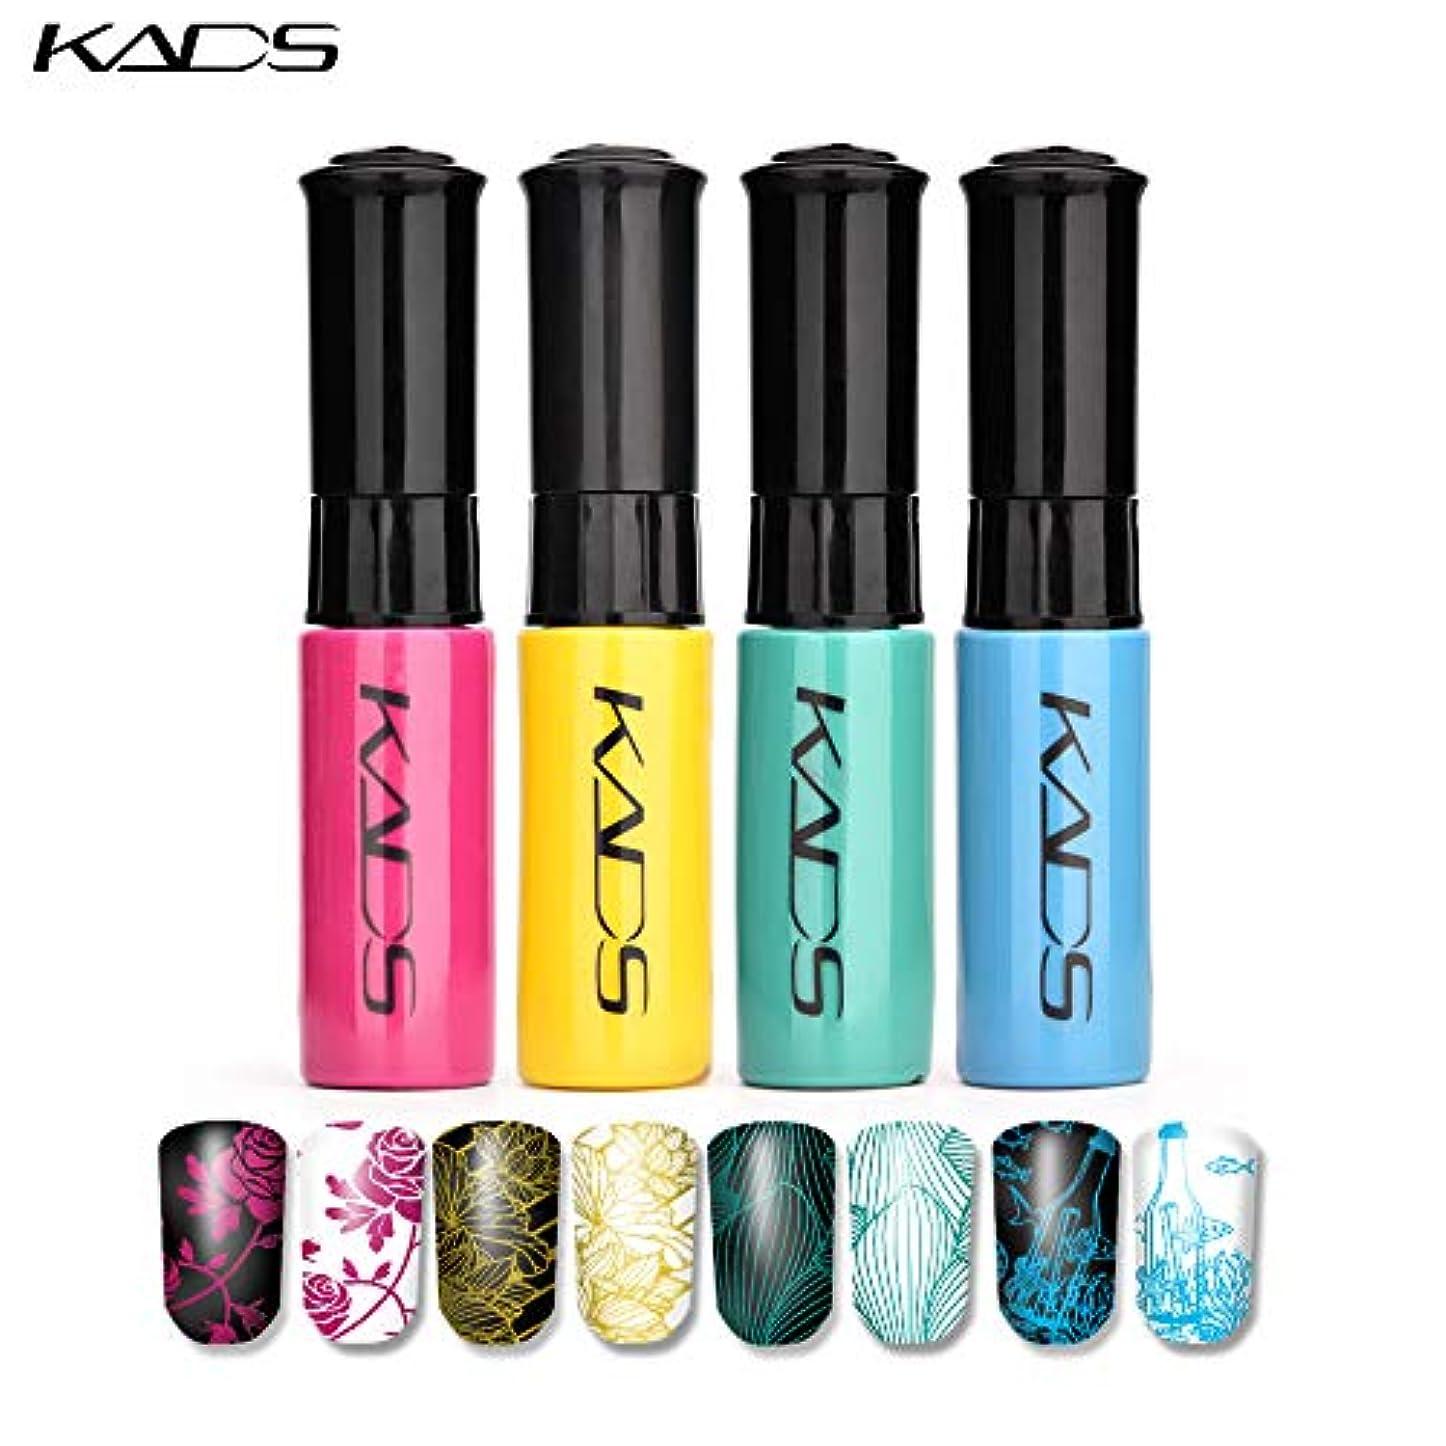 KADS スタンピングネイル専用ポリッシュ スタンプネイルカラー マニキュアポリッシュ ネイルアート用品 (セット3)